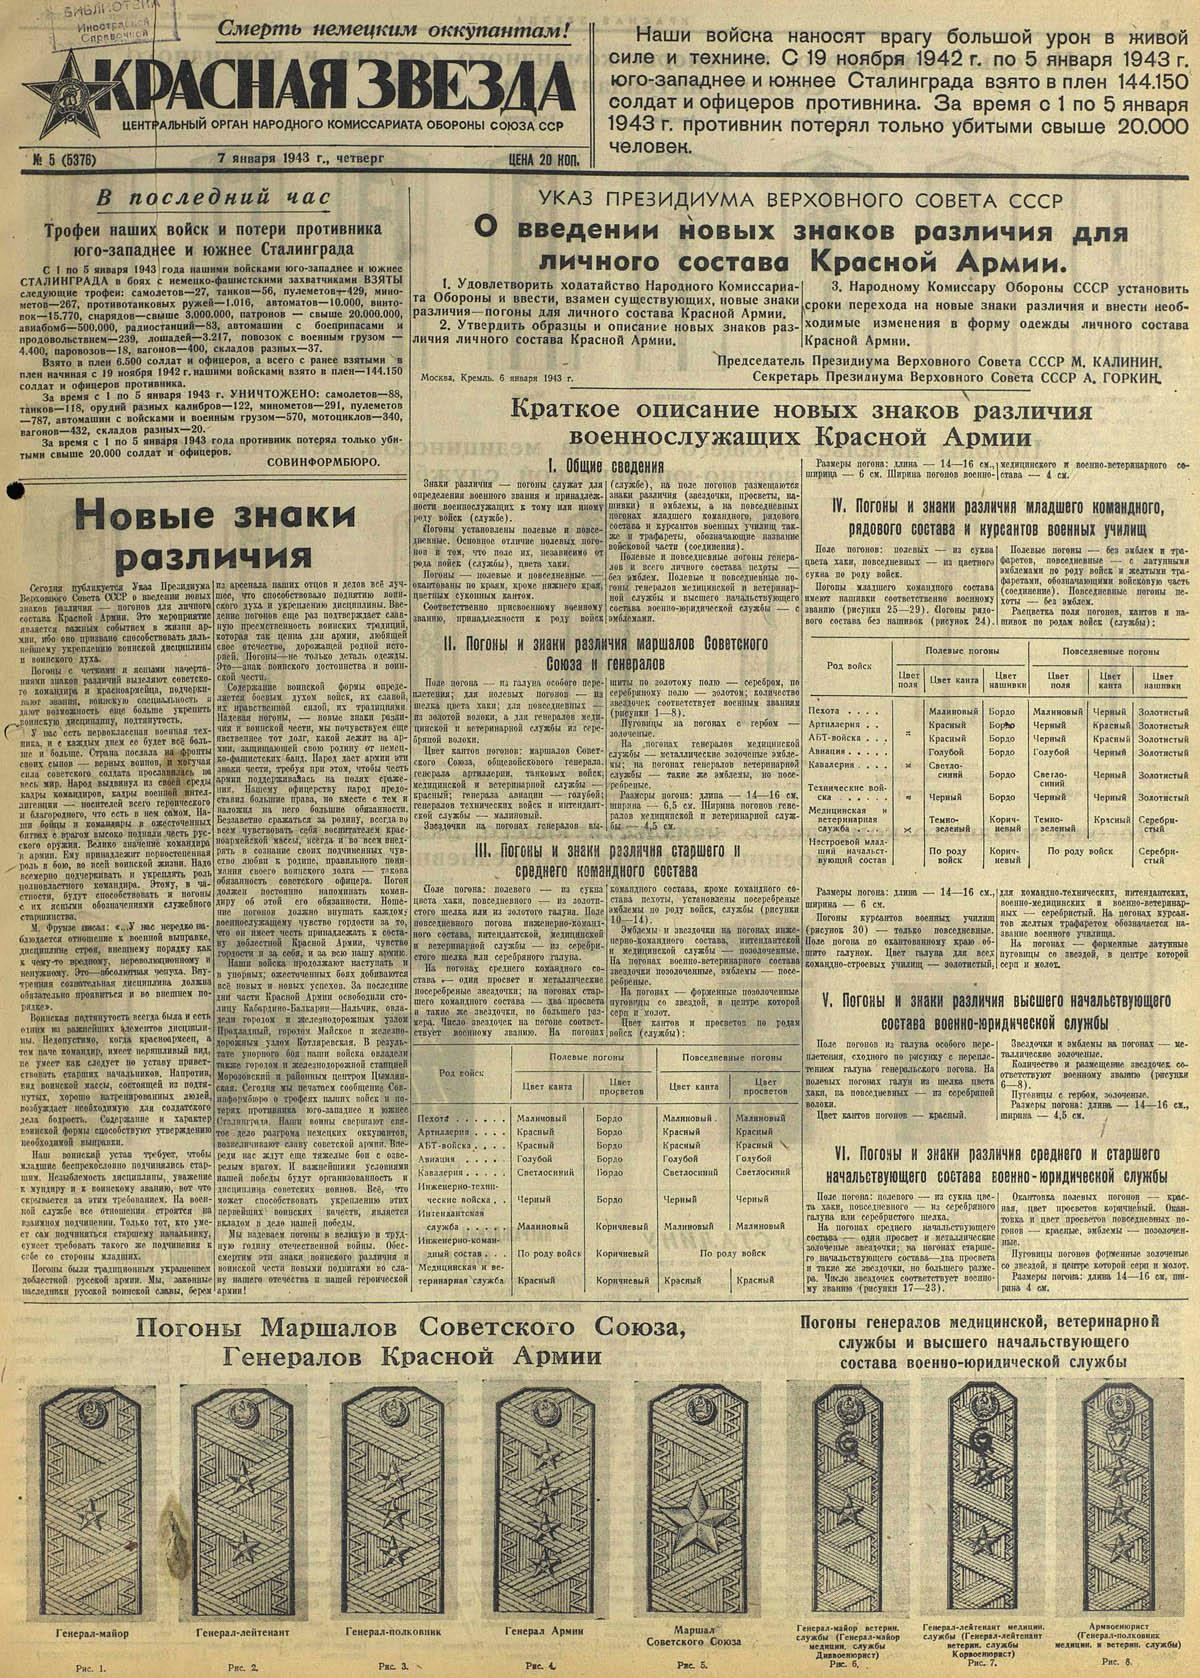 Реагирование военнослужащих на введение погон.Взгляд из НКВД